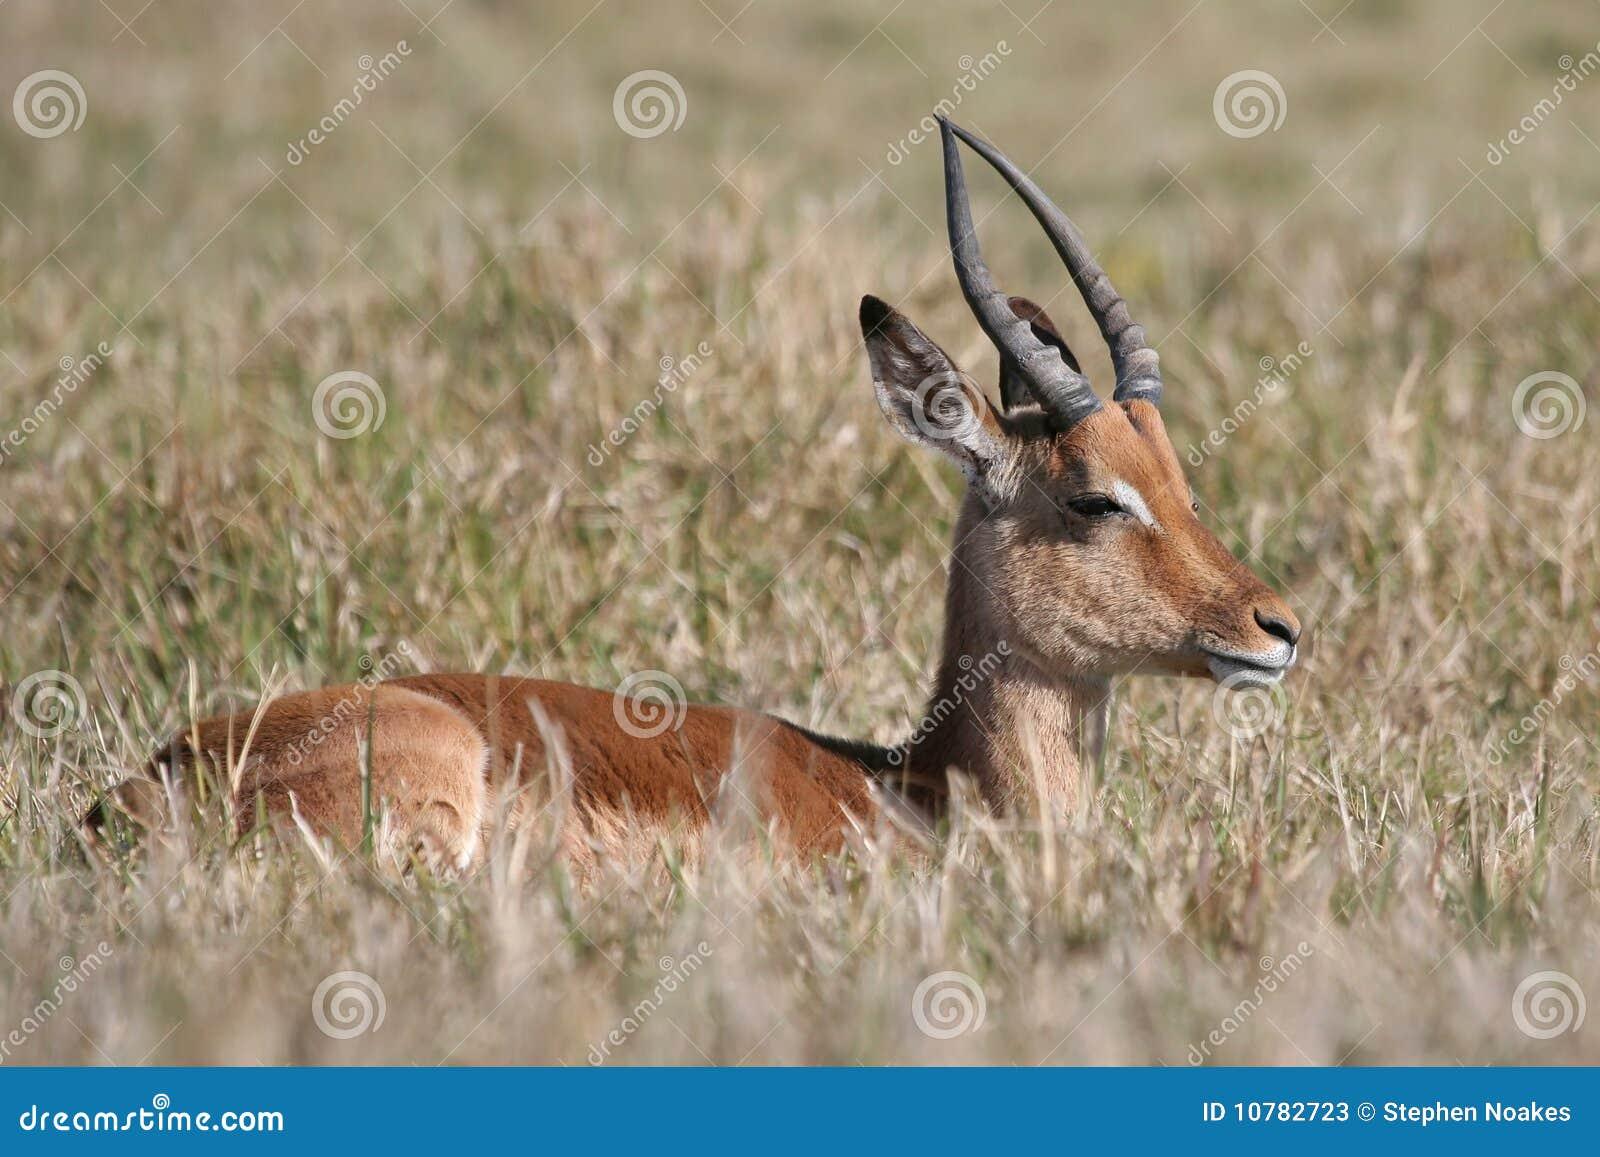 Springbok en lang gras